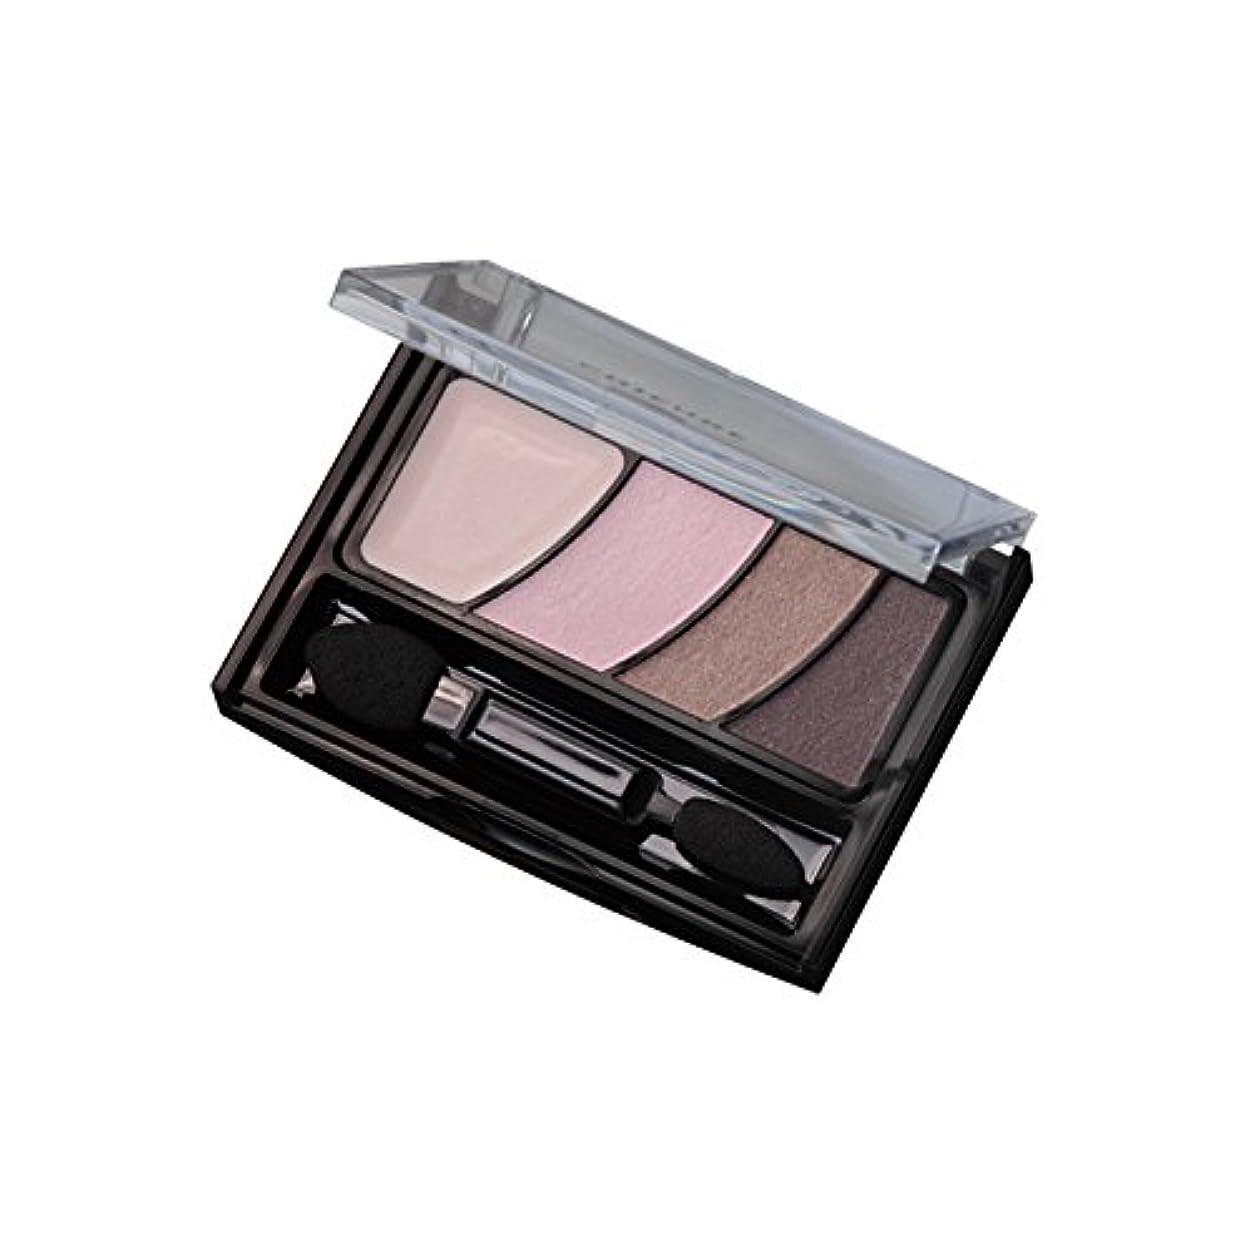 不毛慢性的施しちふれ化粧品 グラデーション アイ カラー(チップ付) ピンク系 アイカラー12